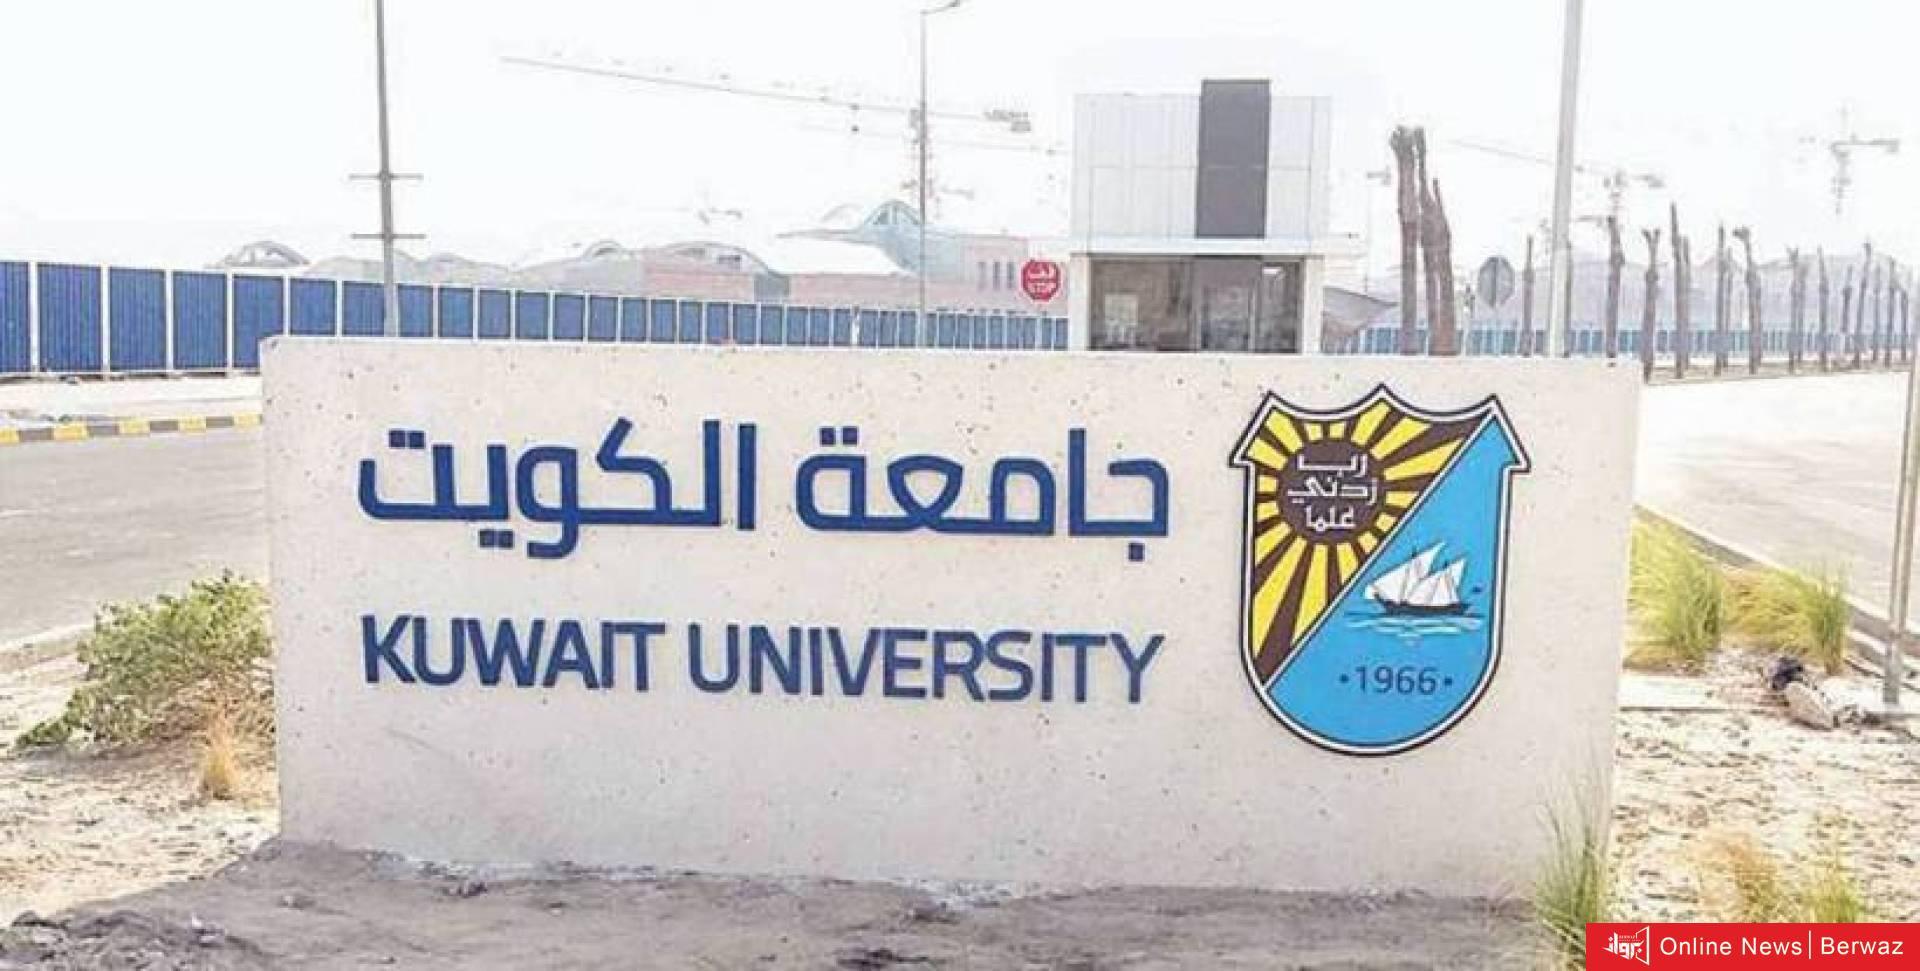 جامعة الكويت 1 - جامعة الكويت توضح الضوابط الجديدة لبرامج التدريب عن بُعد